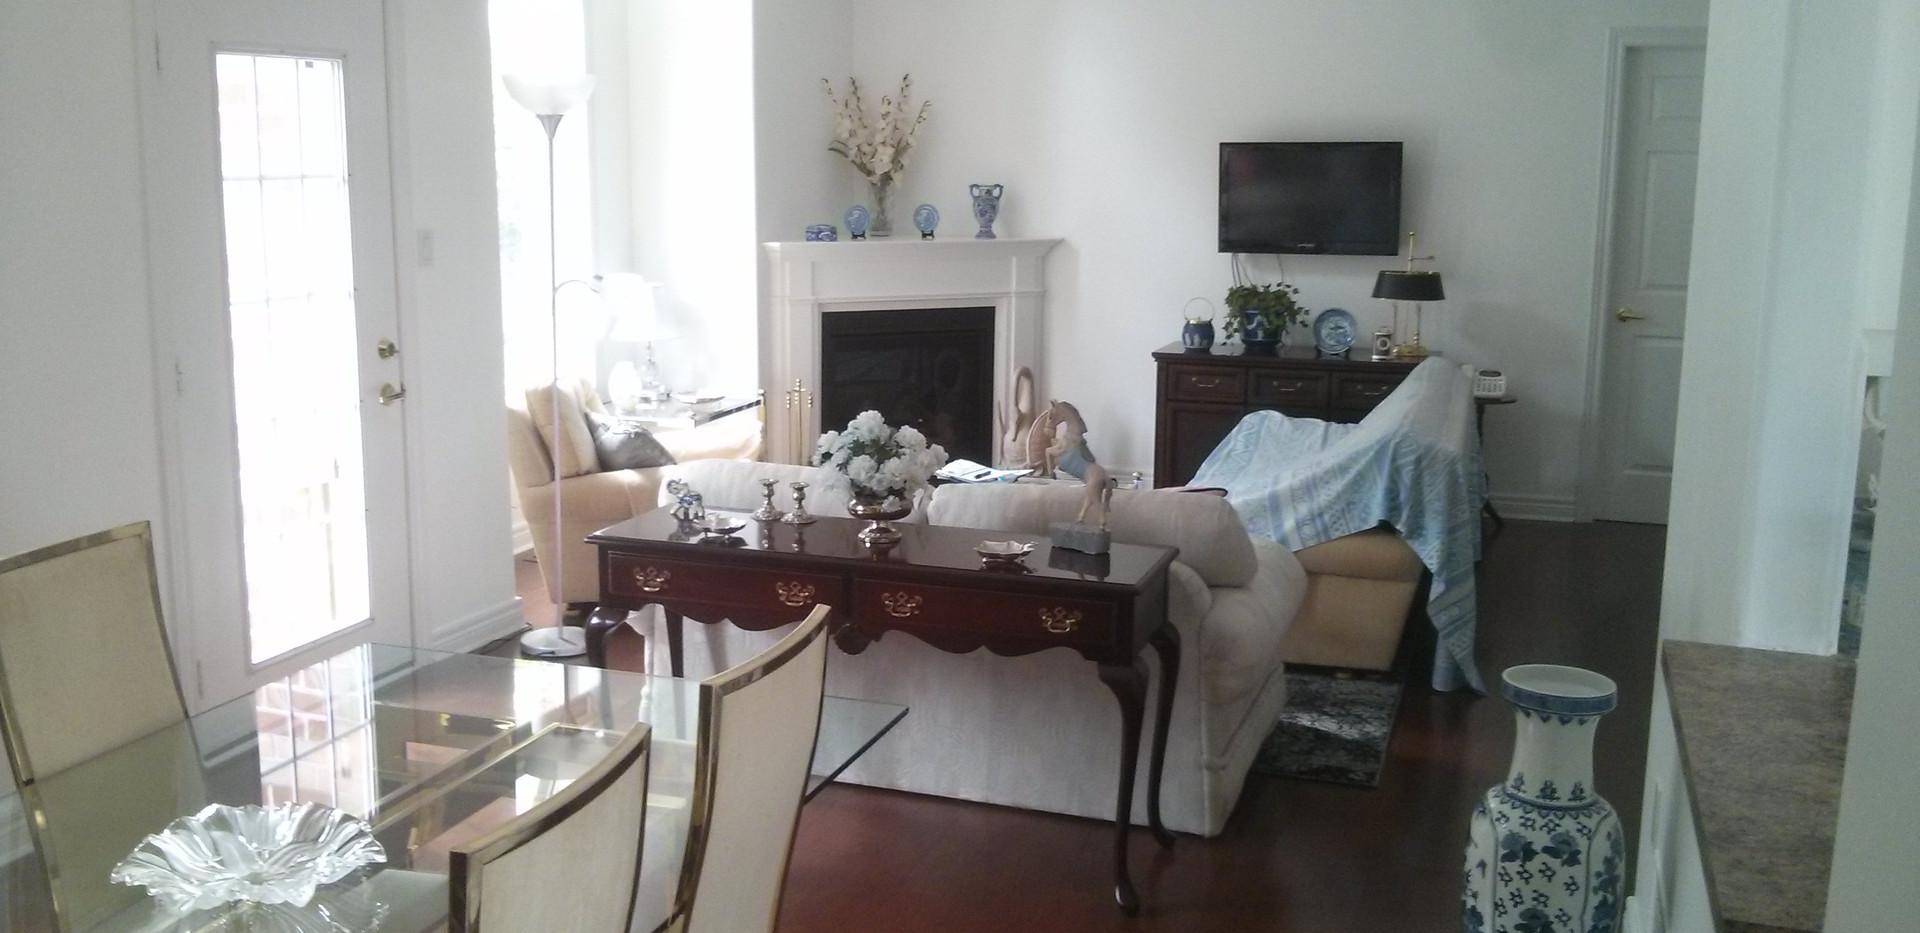 Living Room Full View.jpg